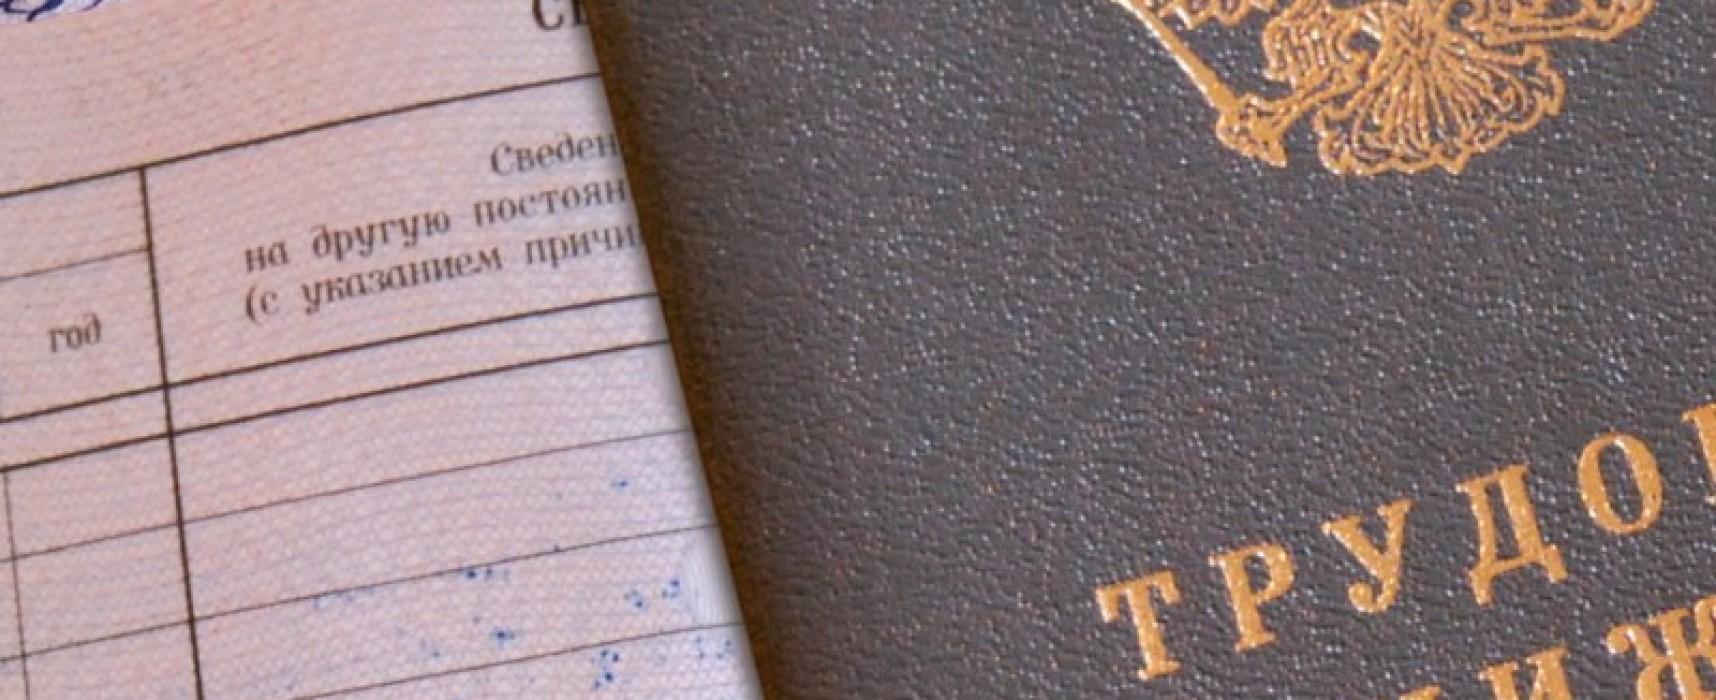 Как подсчитать трудовой и страховой стаж по трудовой книжке: формула, примеры